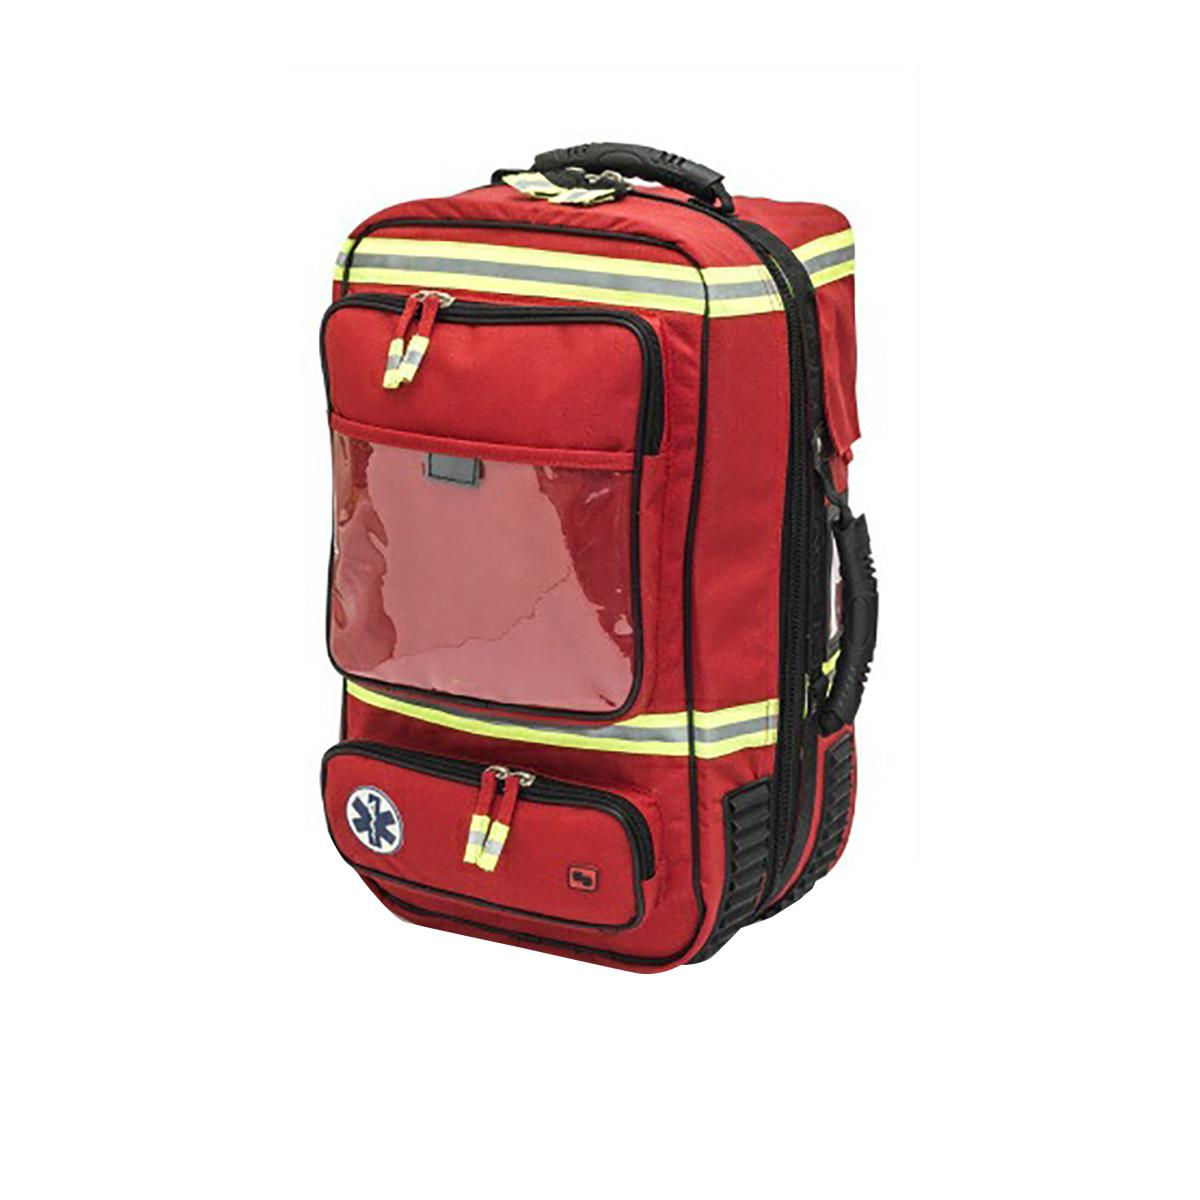 【×2】【水曜得々市10/30】 エリートバッグ EB 呼吸器系用救急バッグ EB02-006×2点セット